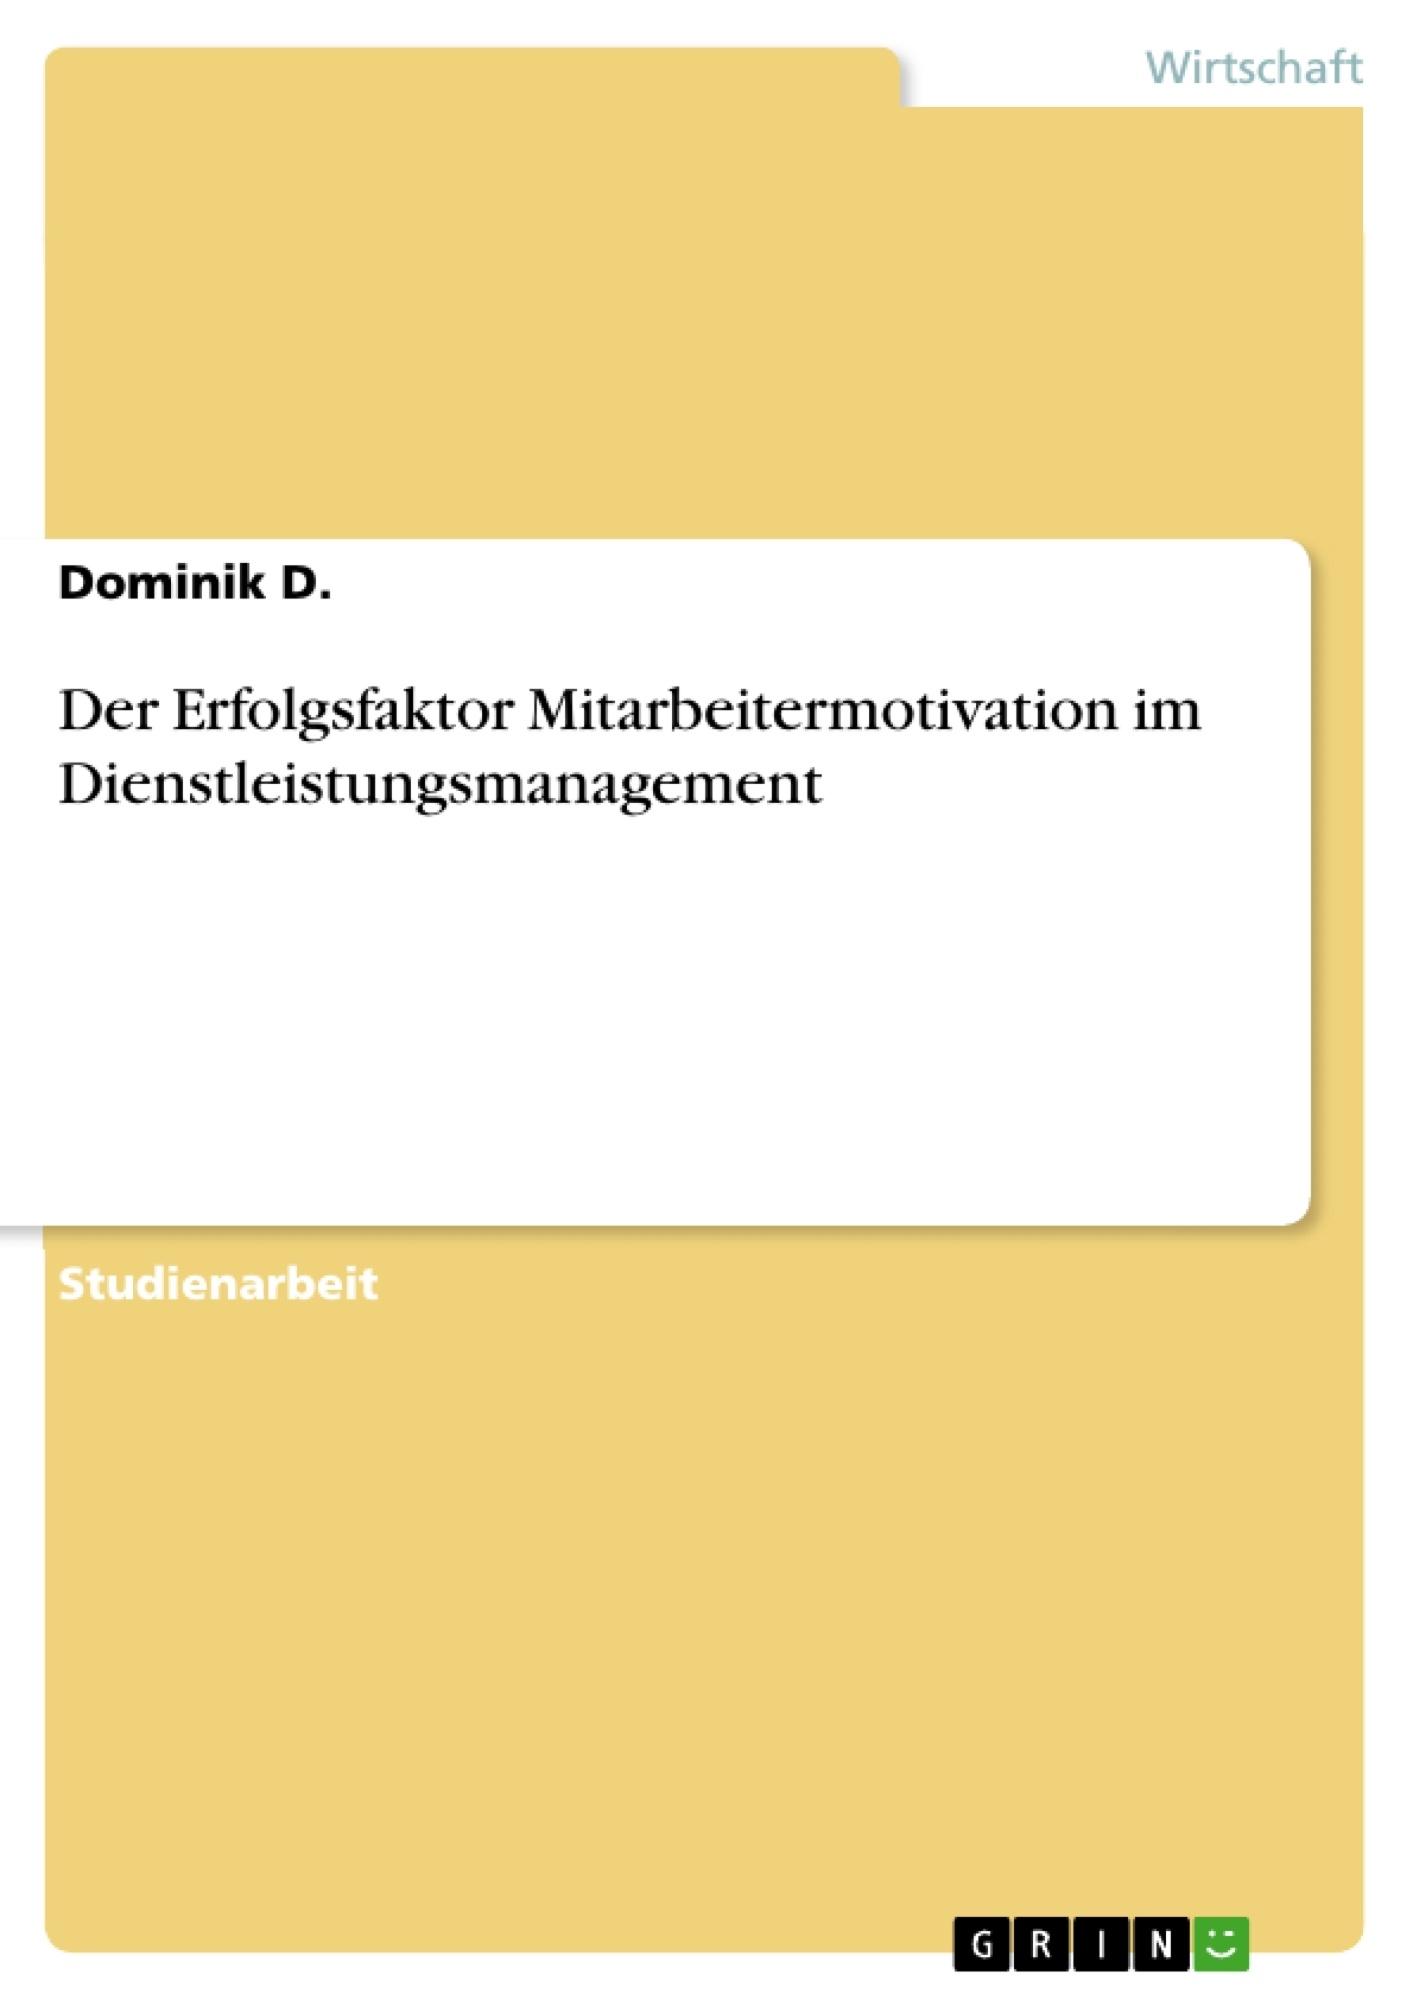 Titel: Der Erfolgsfaktor Mitarbeitermotivation im Dienstleistungsmanagement